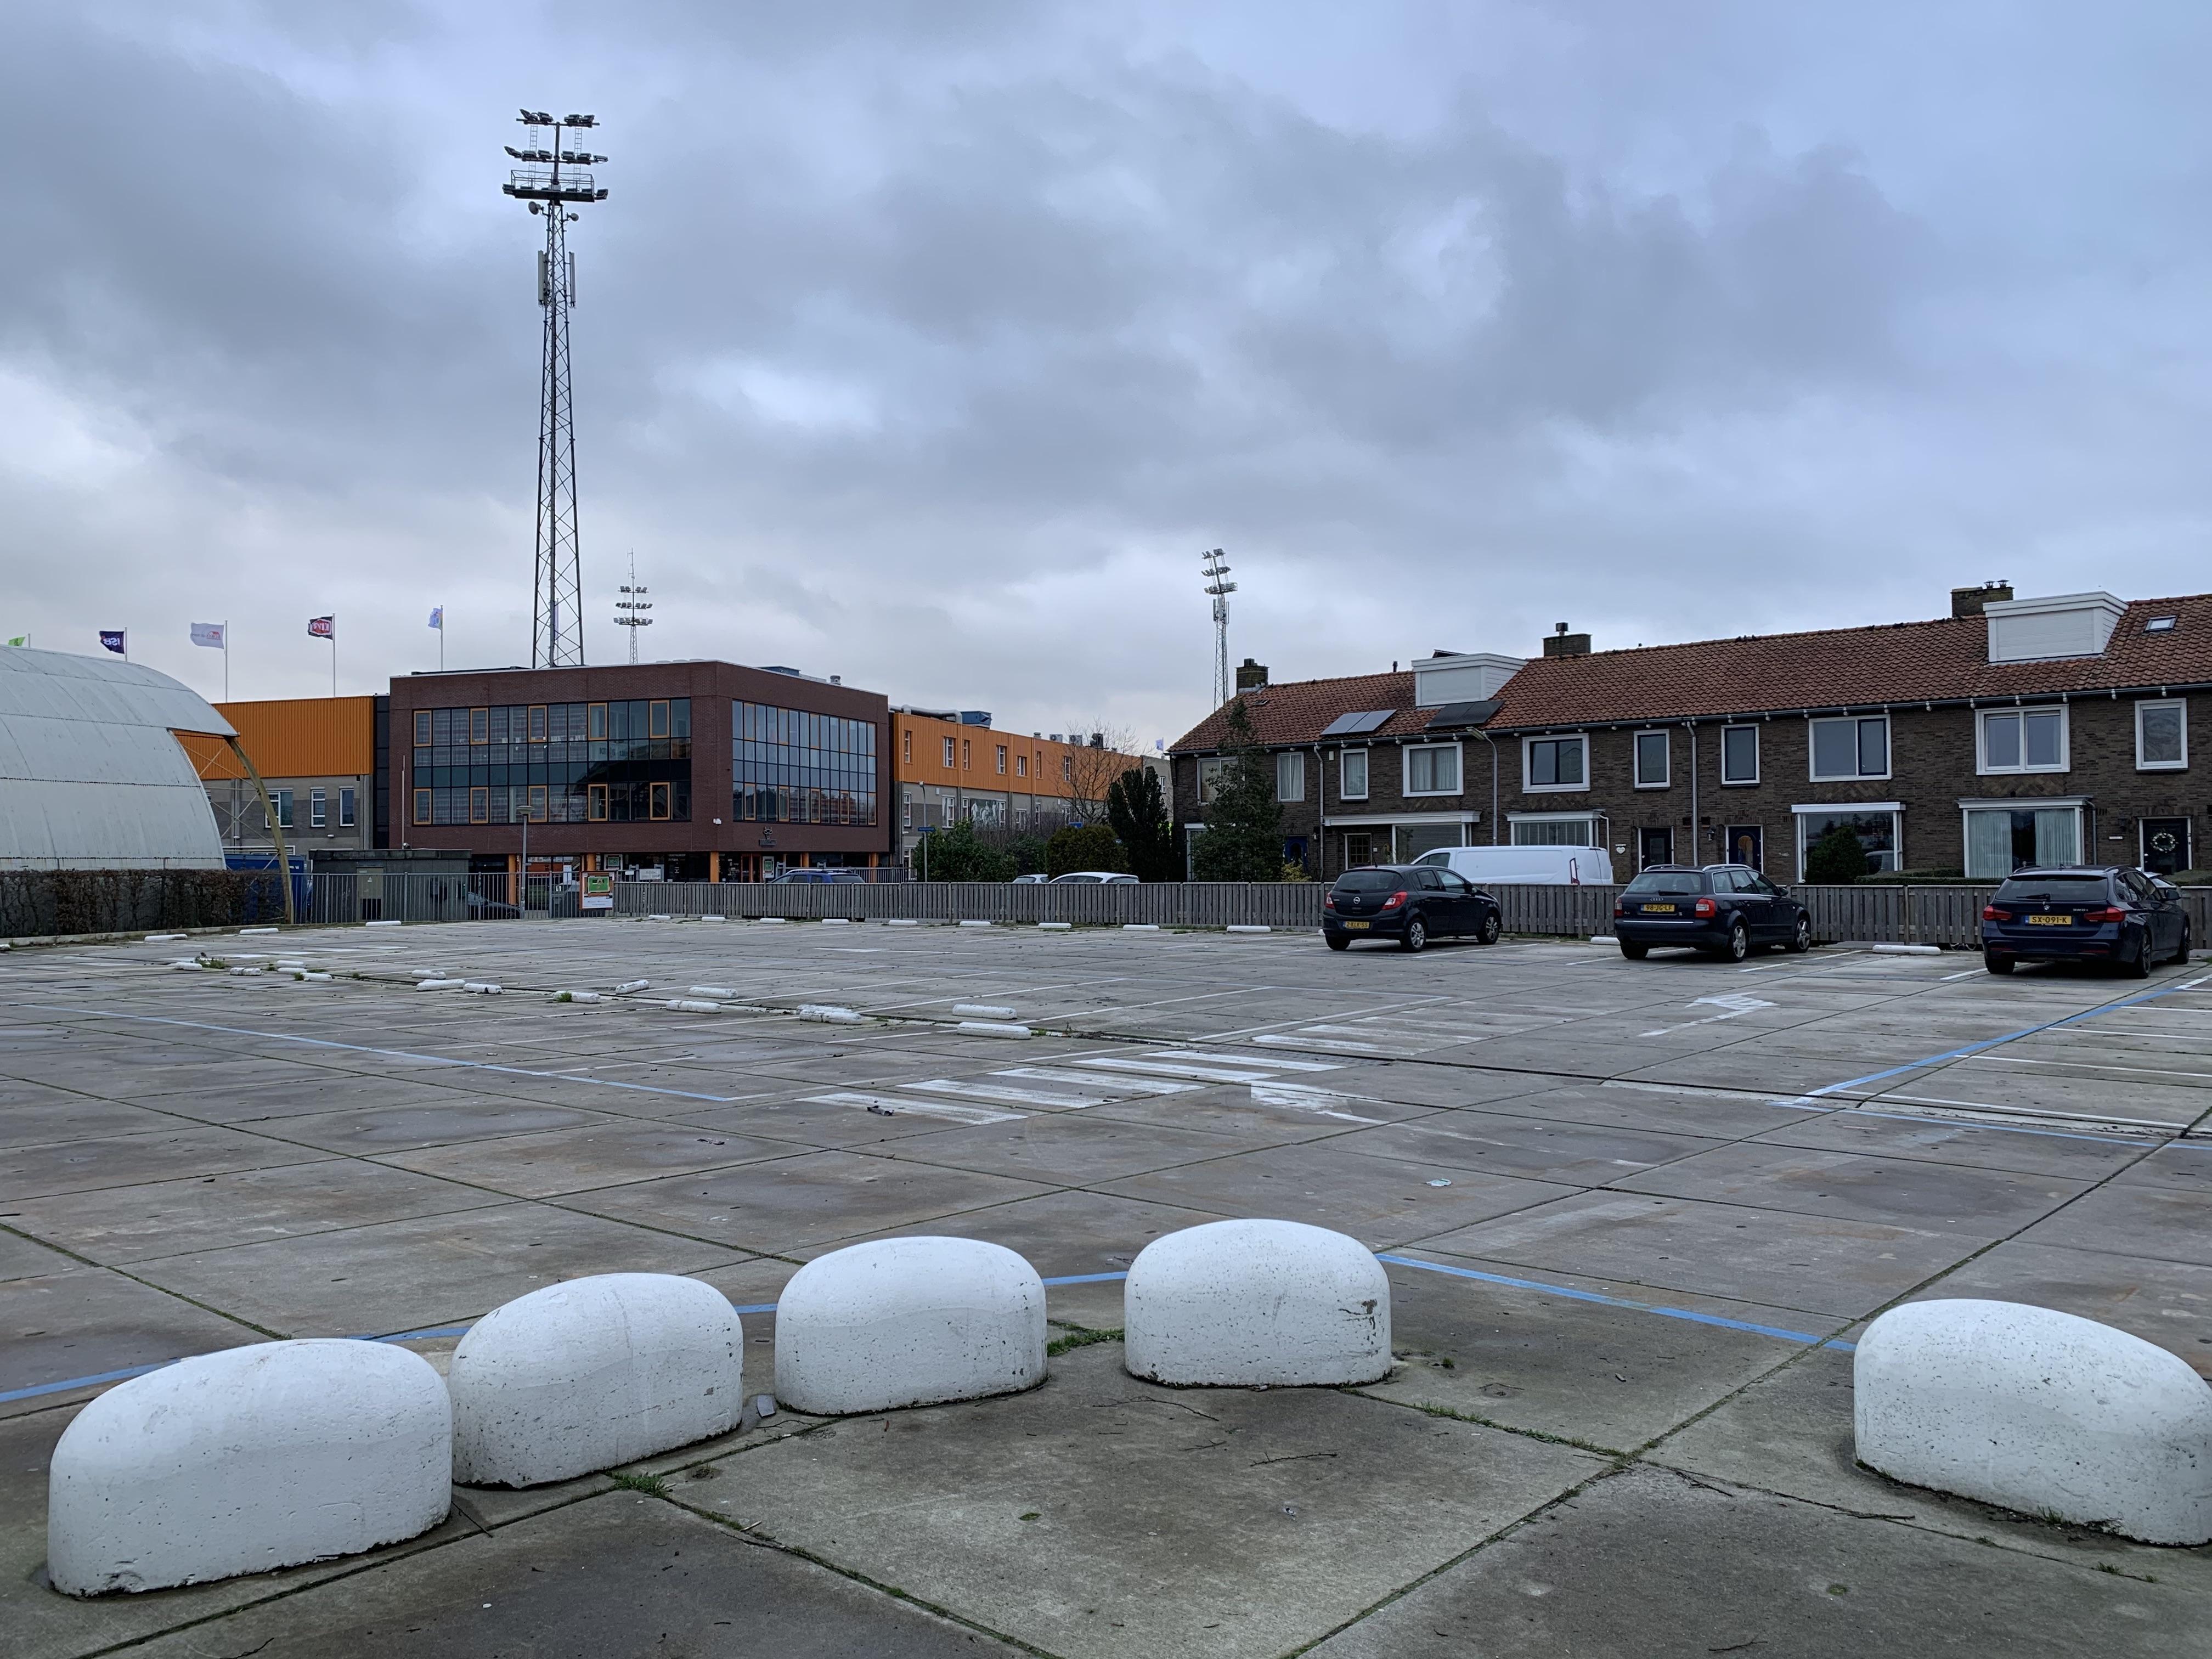 Leeggekomen Taseterrein in Volendam levert tijdelijk veel extra parkeerruimte op